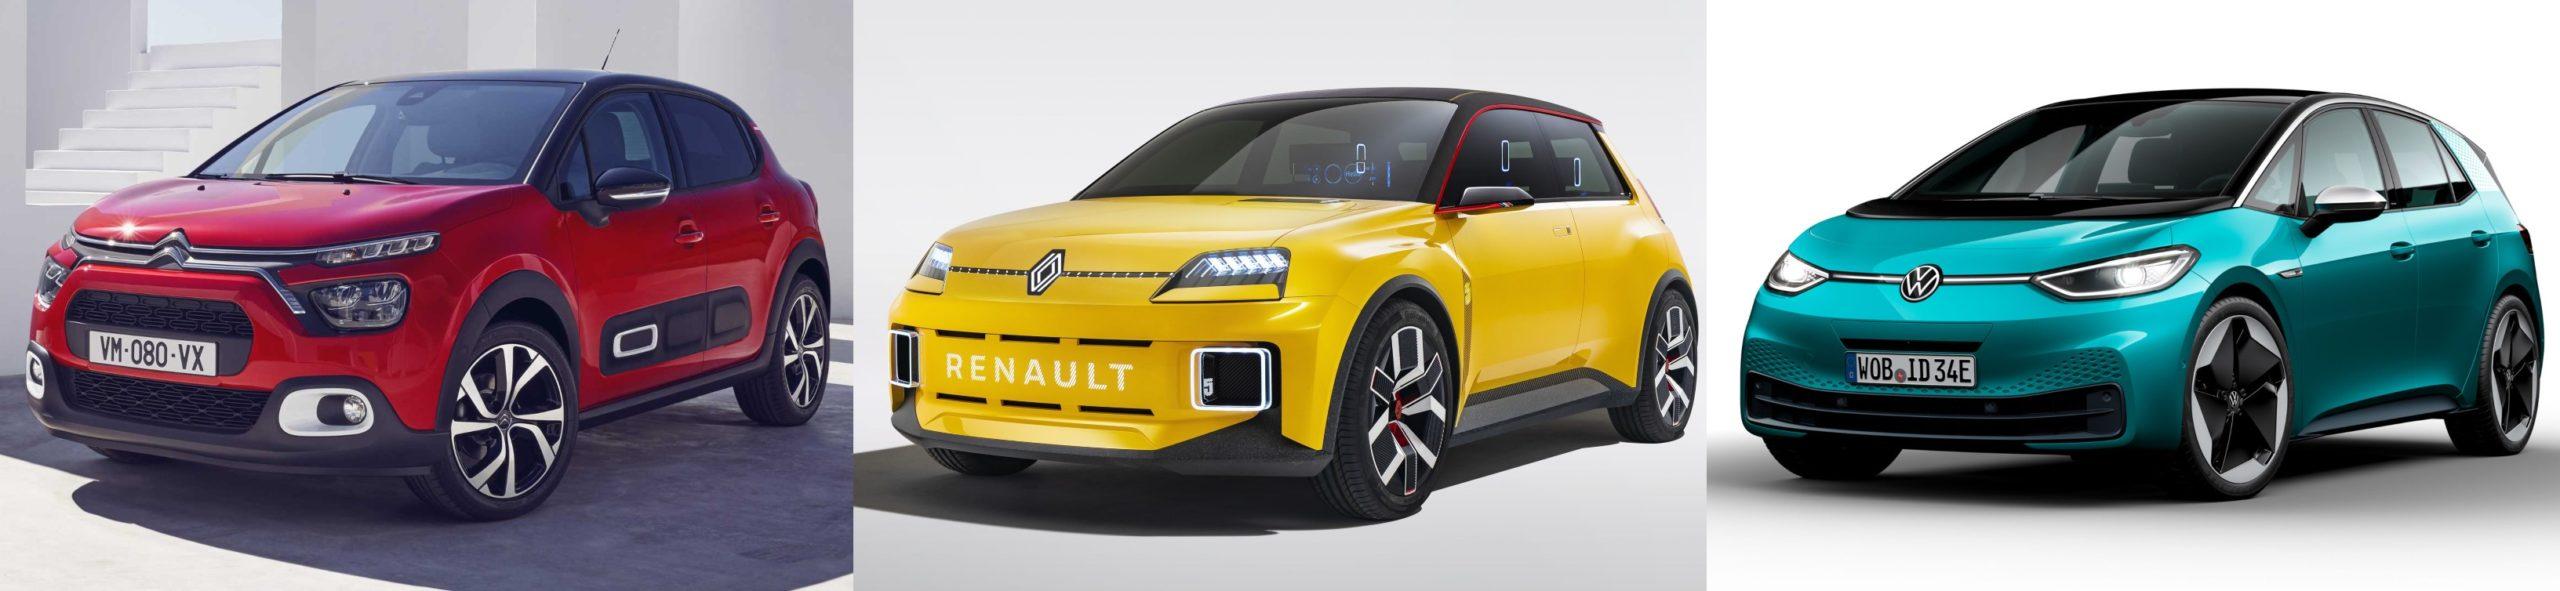 Citroën ë-C3, Renault 5, Volkswagen ID.1: tres formas diferentes de entender el utilitario eléctrico asequible que llegarán en 2023 a un precio de 20.000 euros - Forococheselectricos